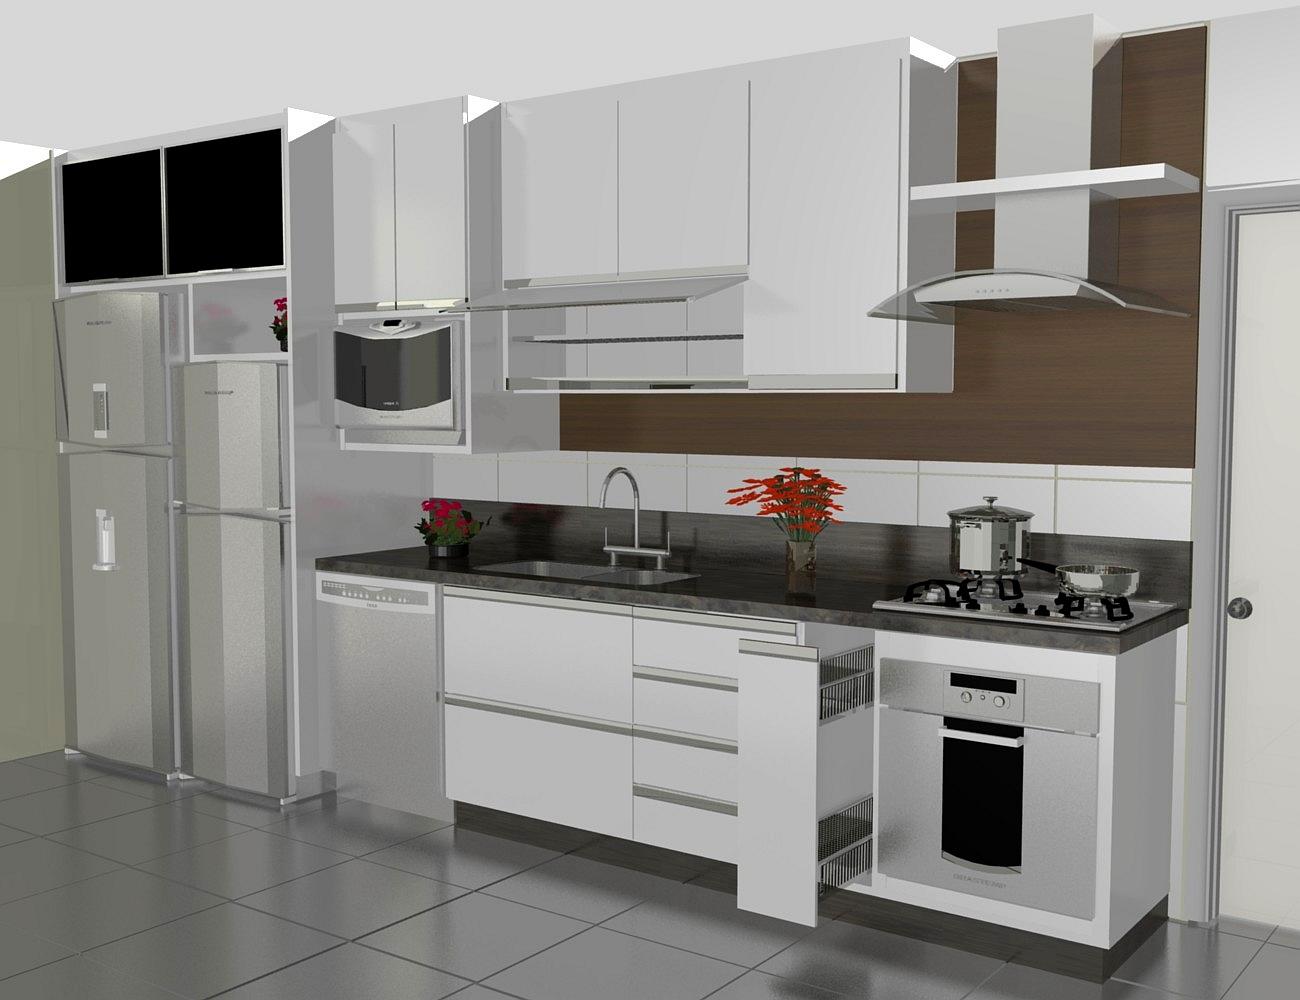 cozinha planejadas pequenas decorada americana modulada luxo moderna #5D4839 1300 1000